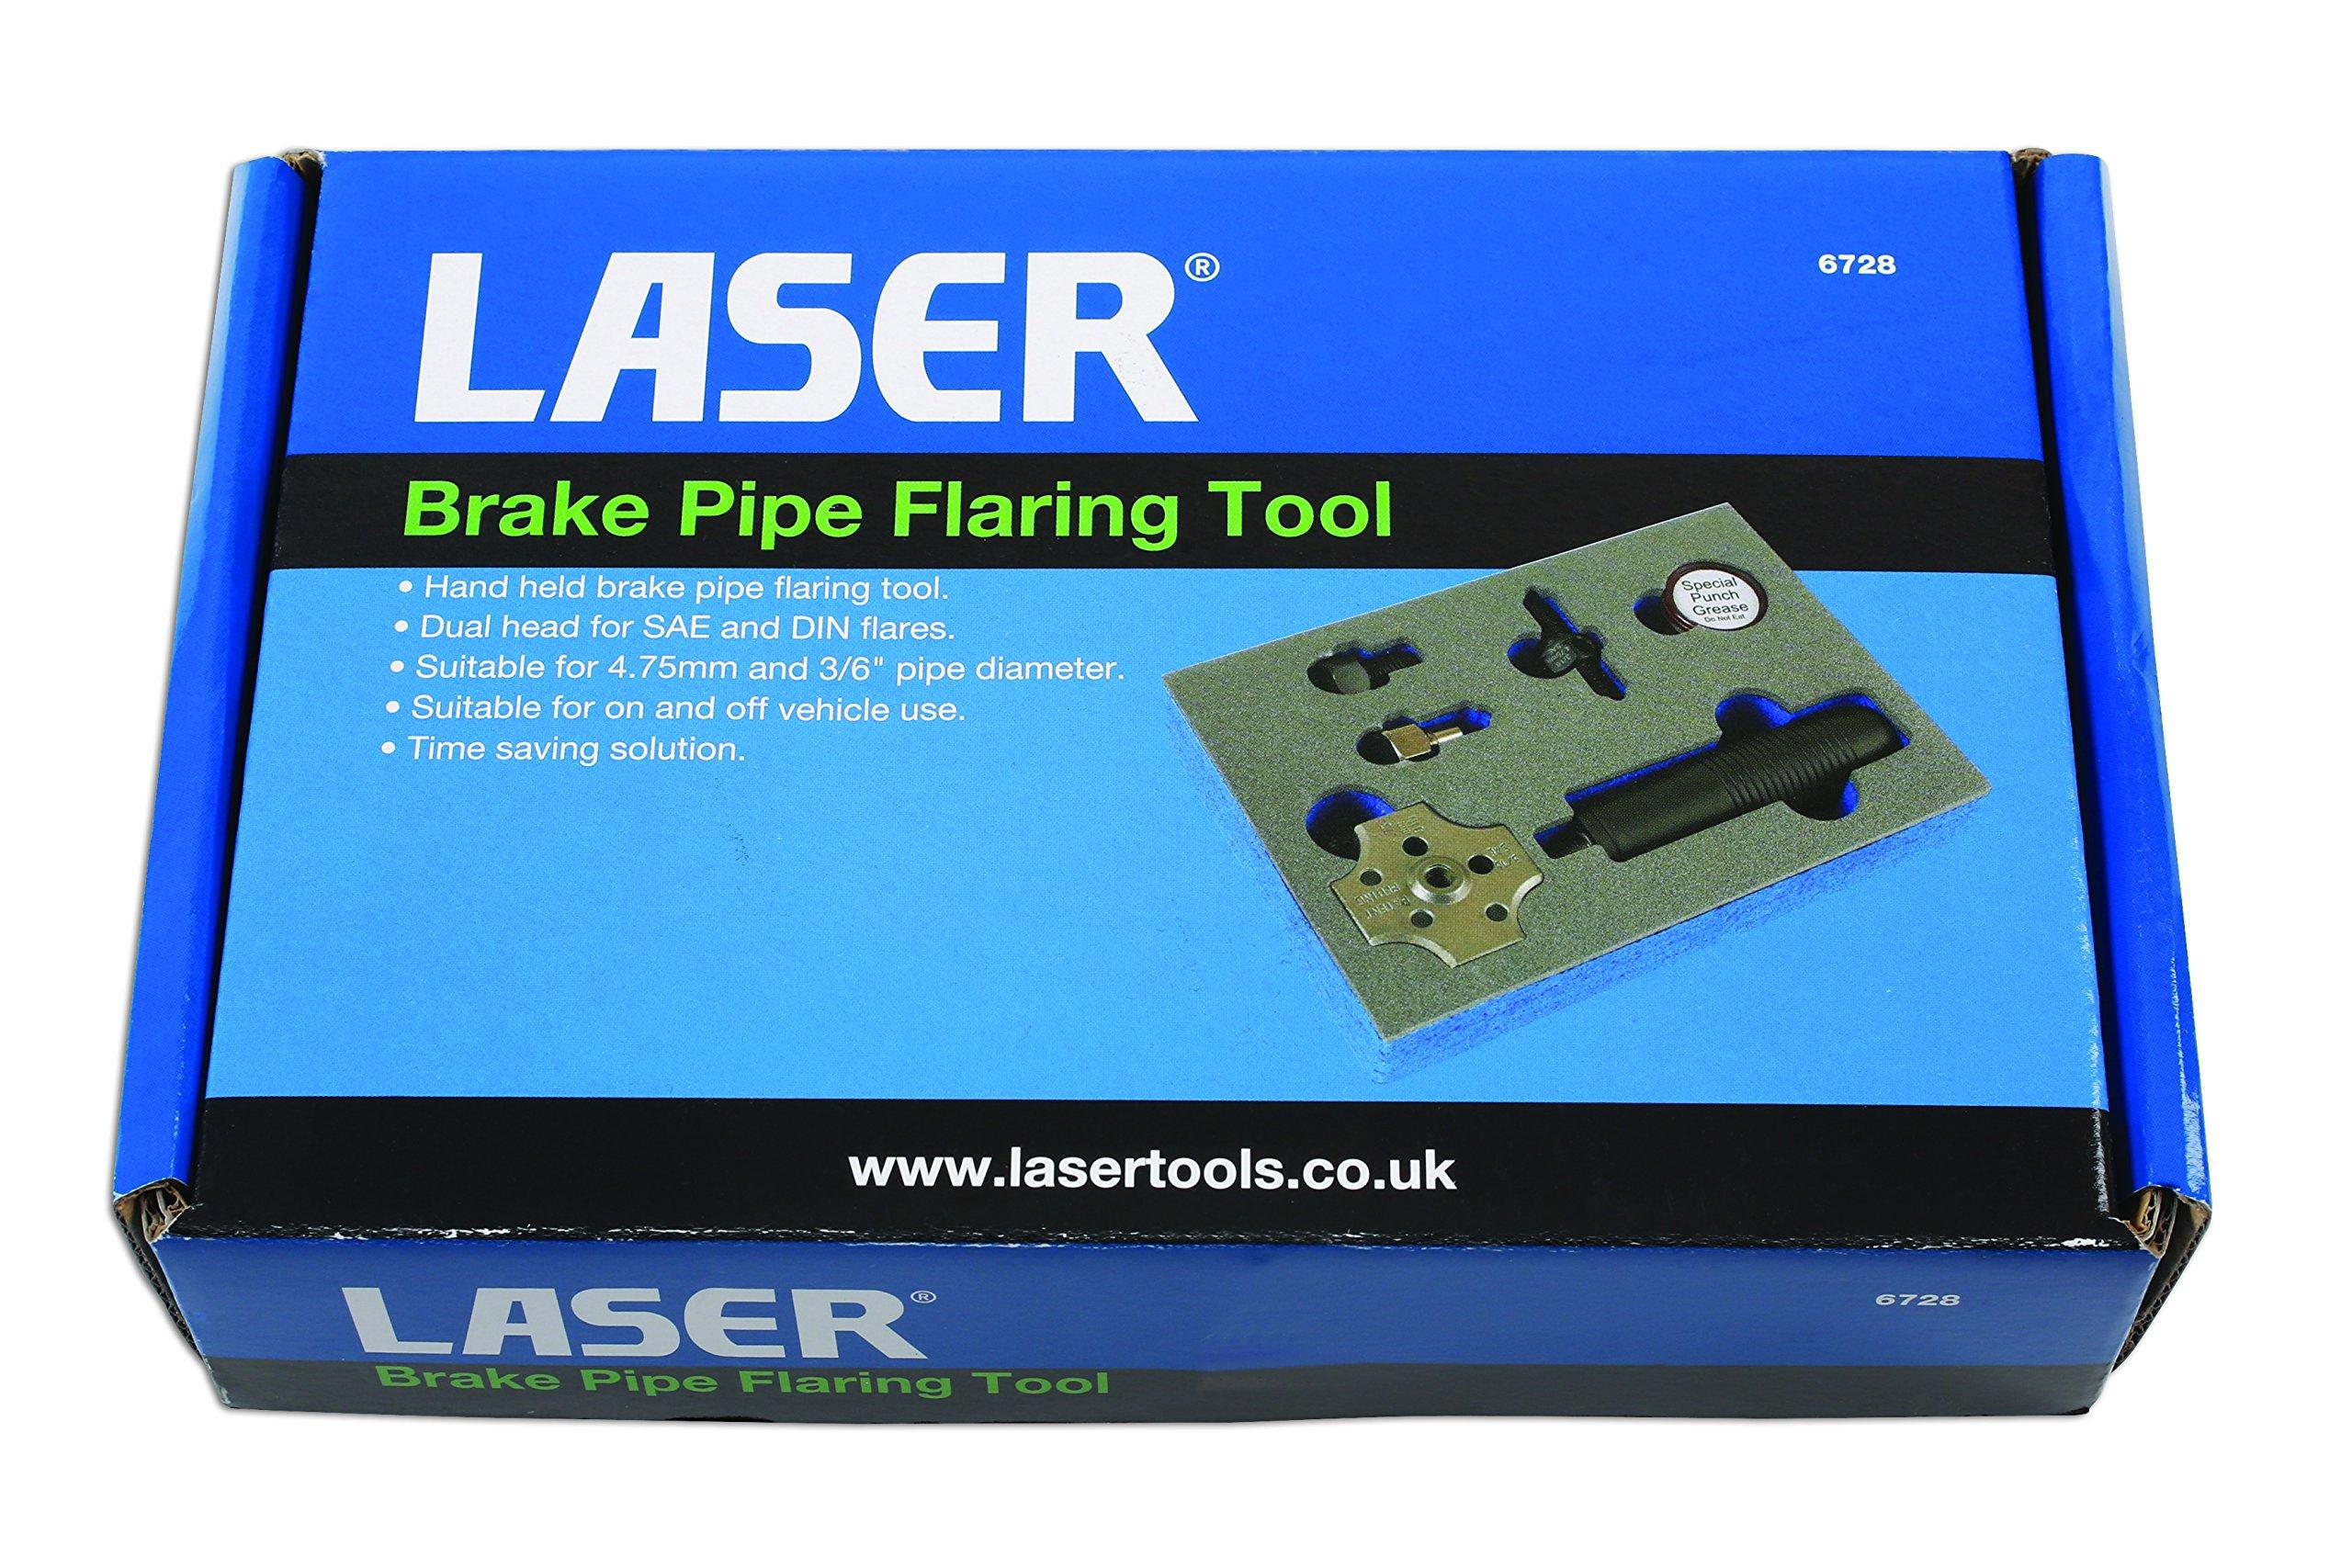 Laser - 6728 Brake Pipe Flaring Tool by Laser (Image #5)